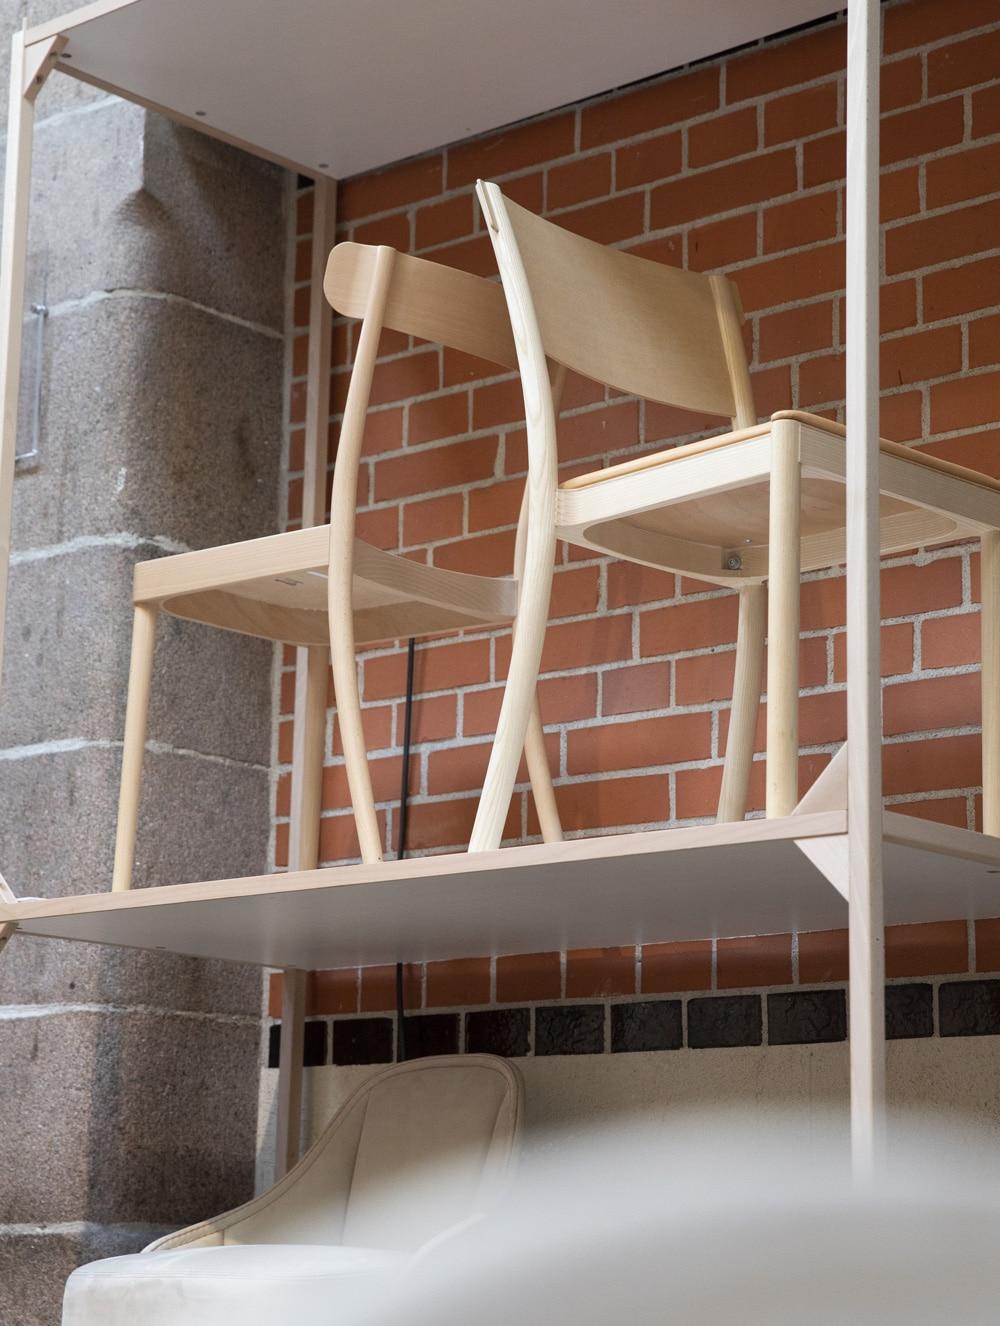 Wood chairs on shelf